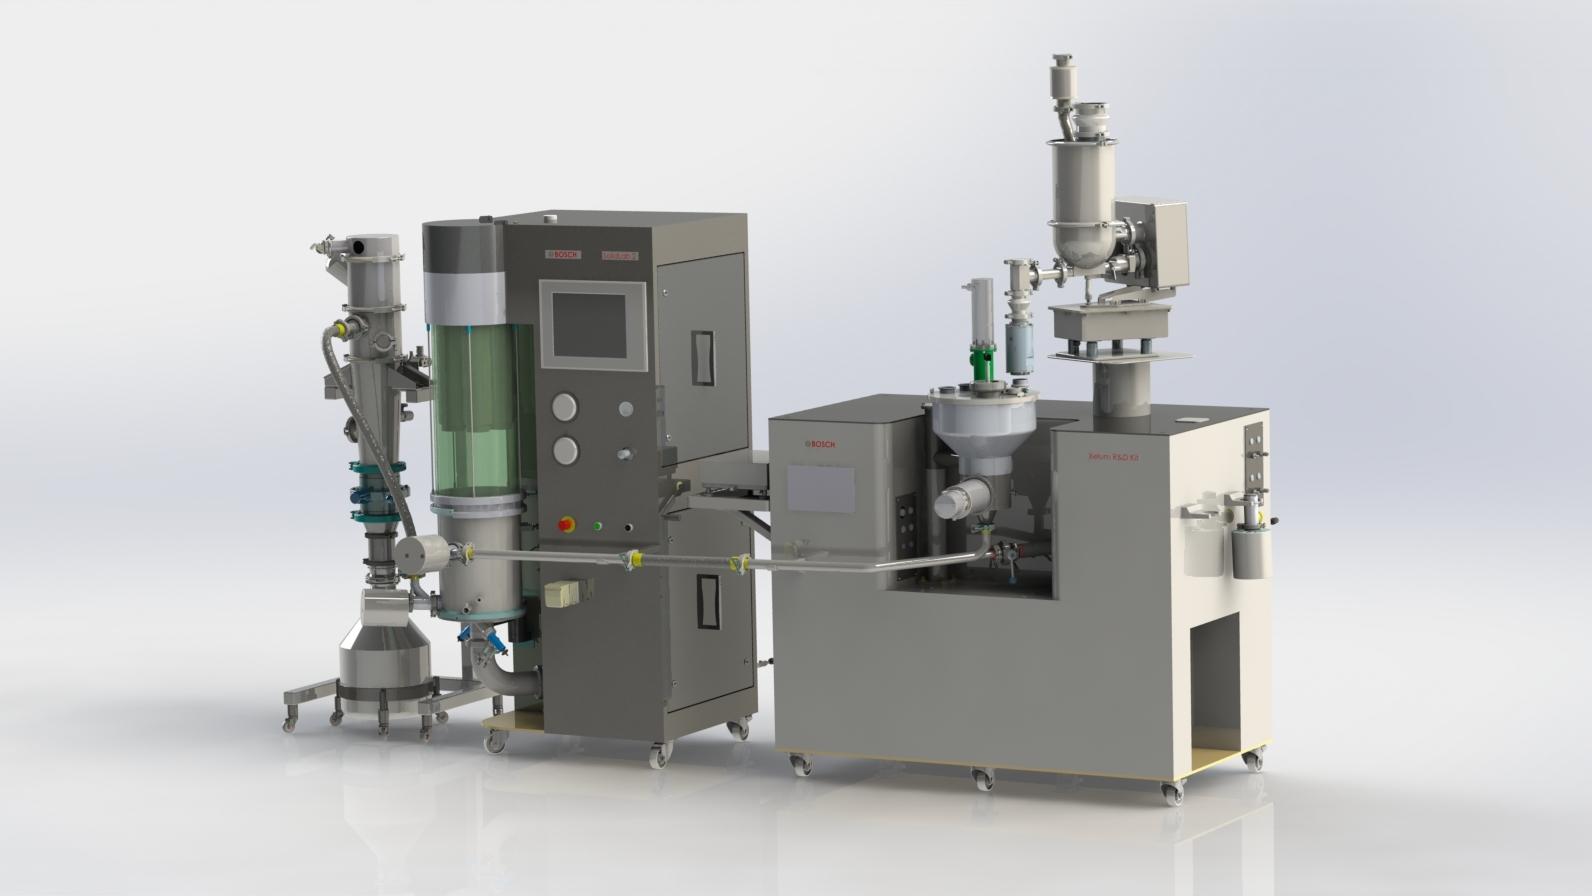 Bosch Kühlschrank Produktion : Bosch zeigt neue xelum r&d bosch media service